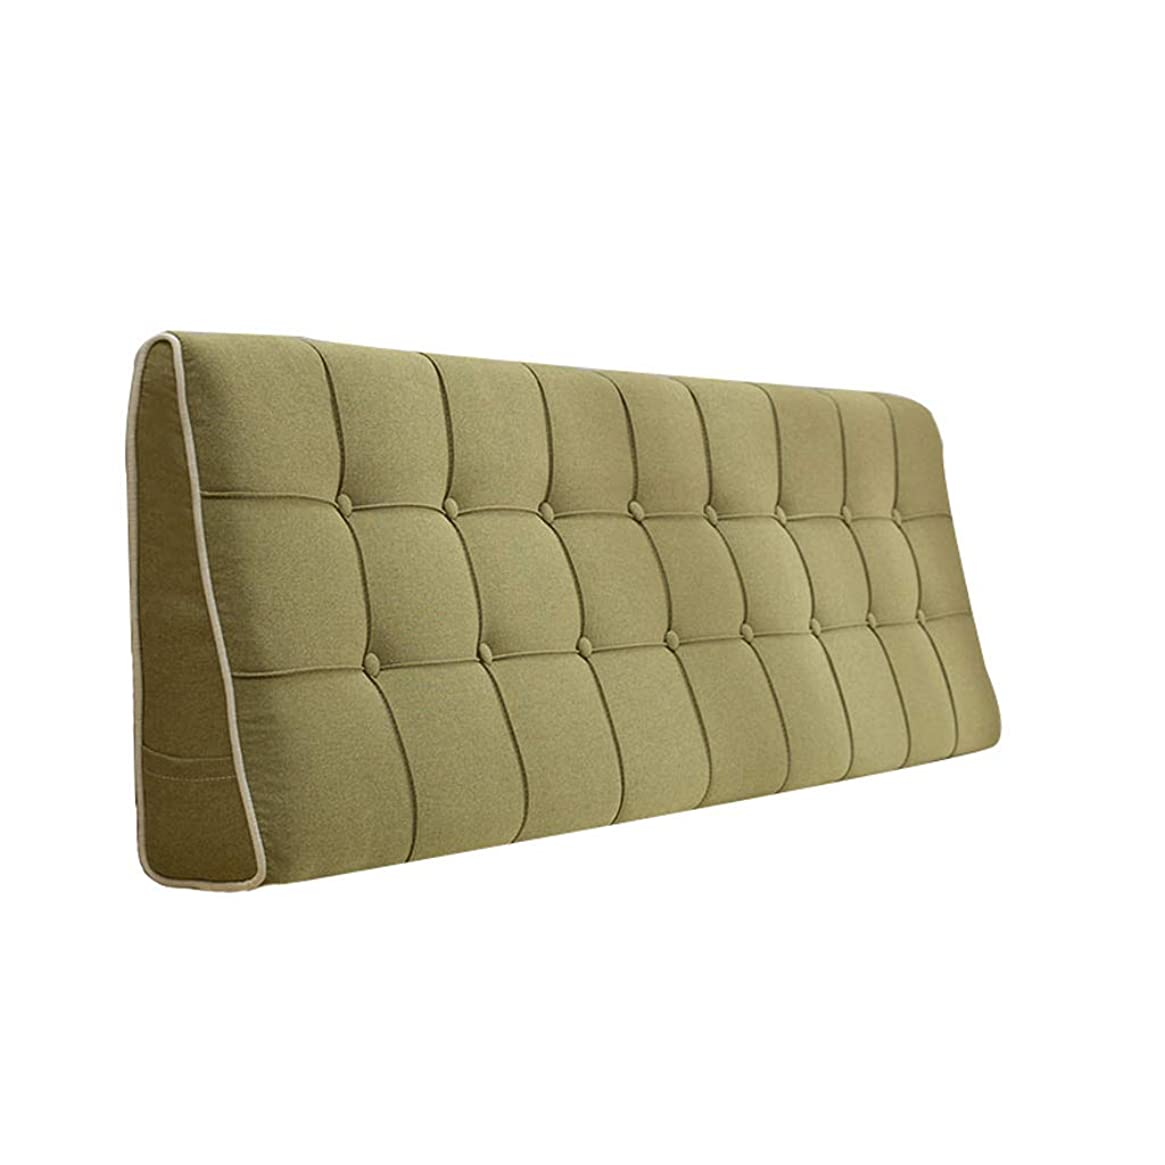 著作権アレキサンダーグラハムベル望ましいバッククッション - ダブルダブル背もたれ長い枕を洗うことができます枕寝室のベッドサイドマット11色、7サイズから選択可能 (Color : 11, Size : 180X50cm)